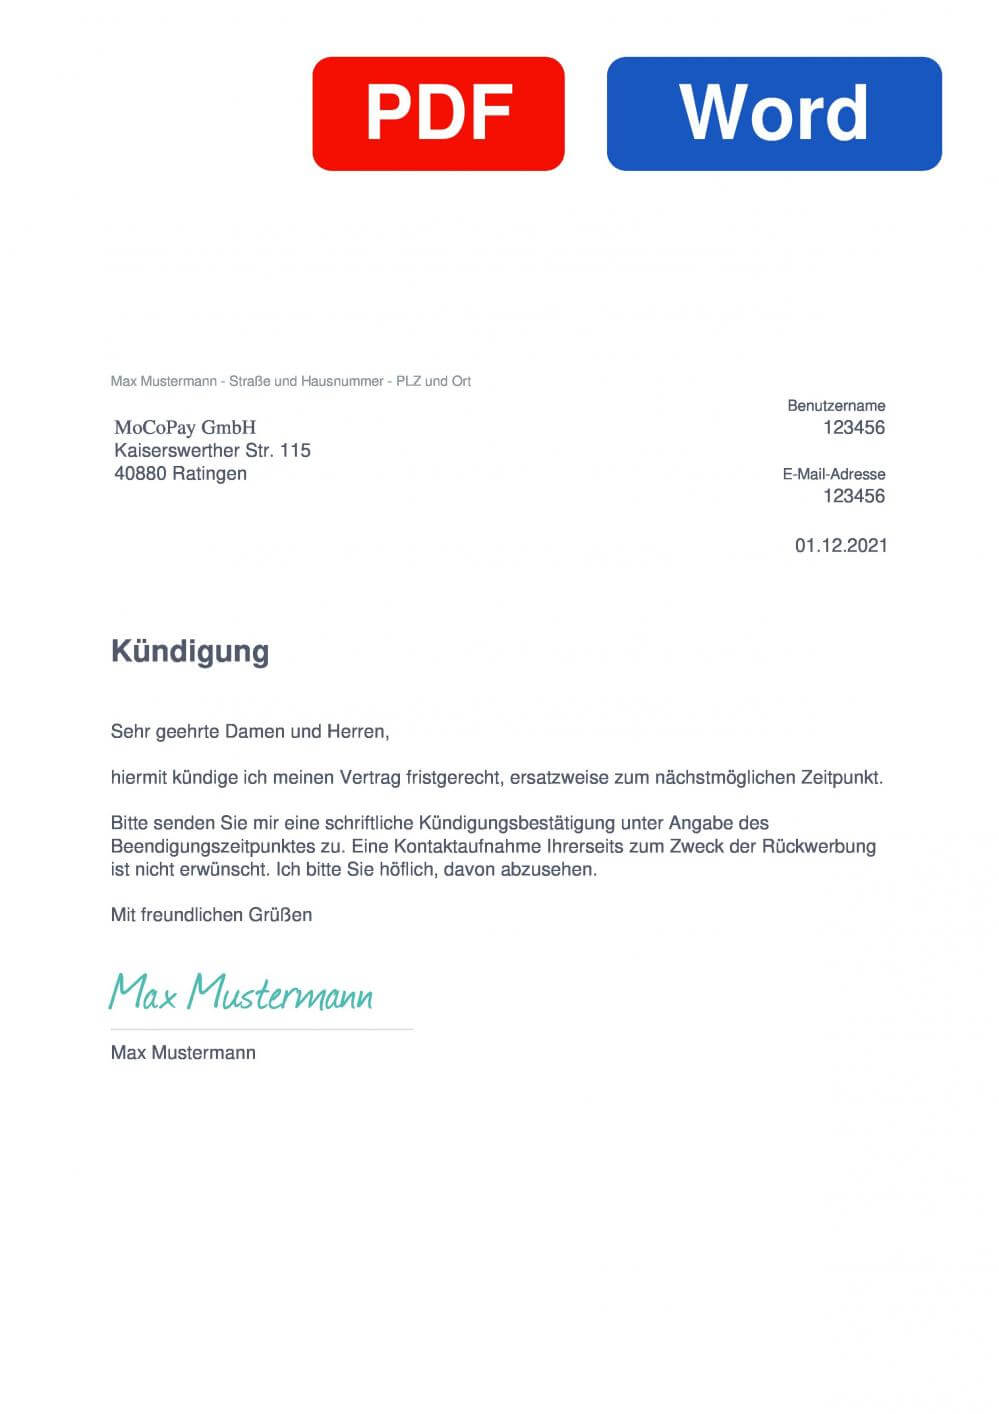 MoCoPay.de Muster Vorlage für Kündigungsschreiben